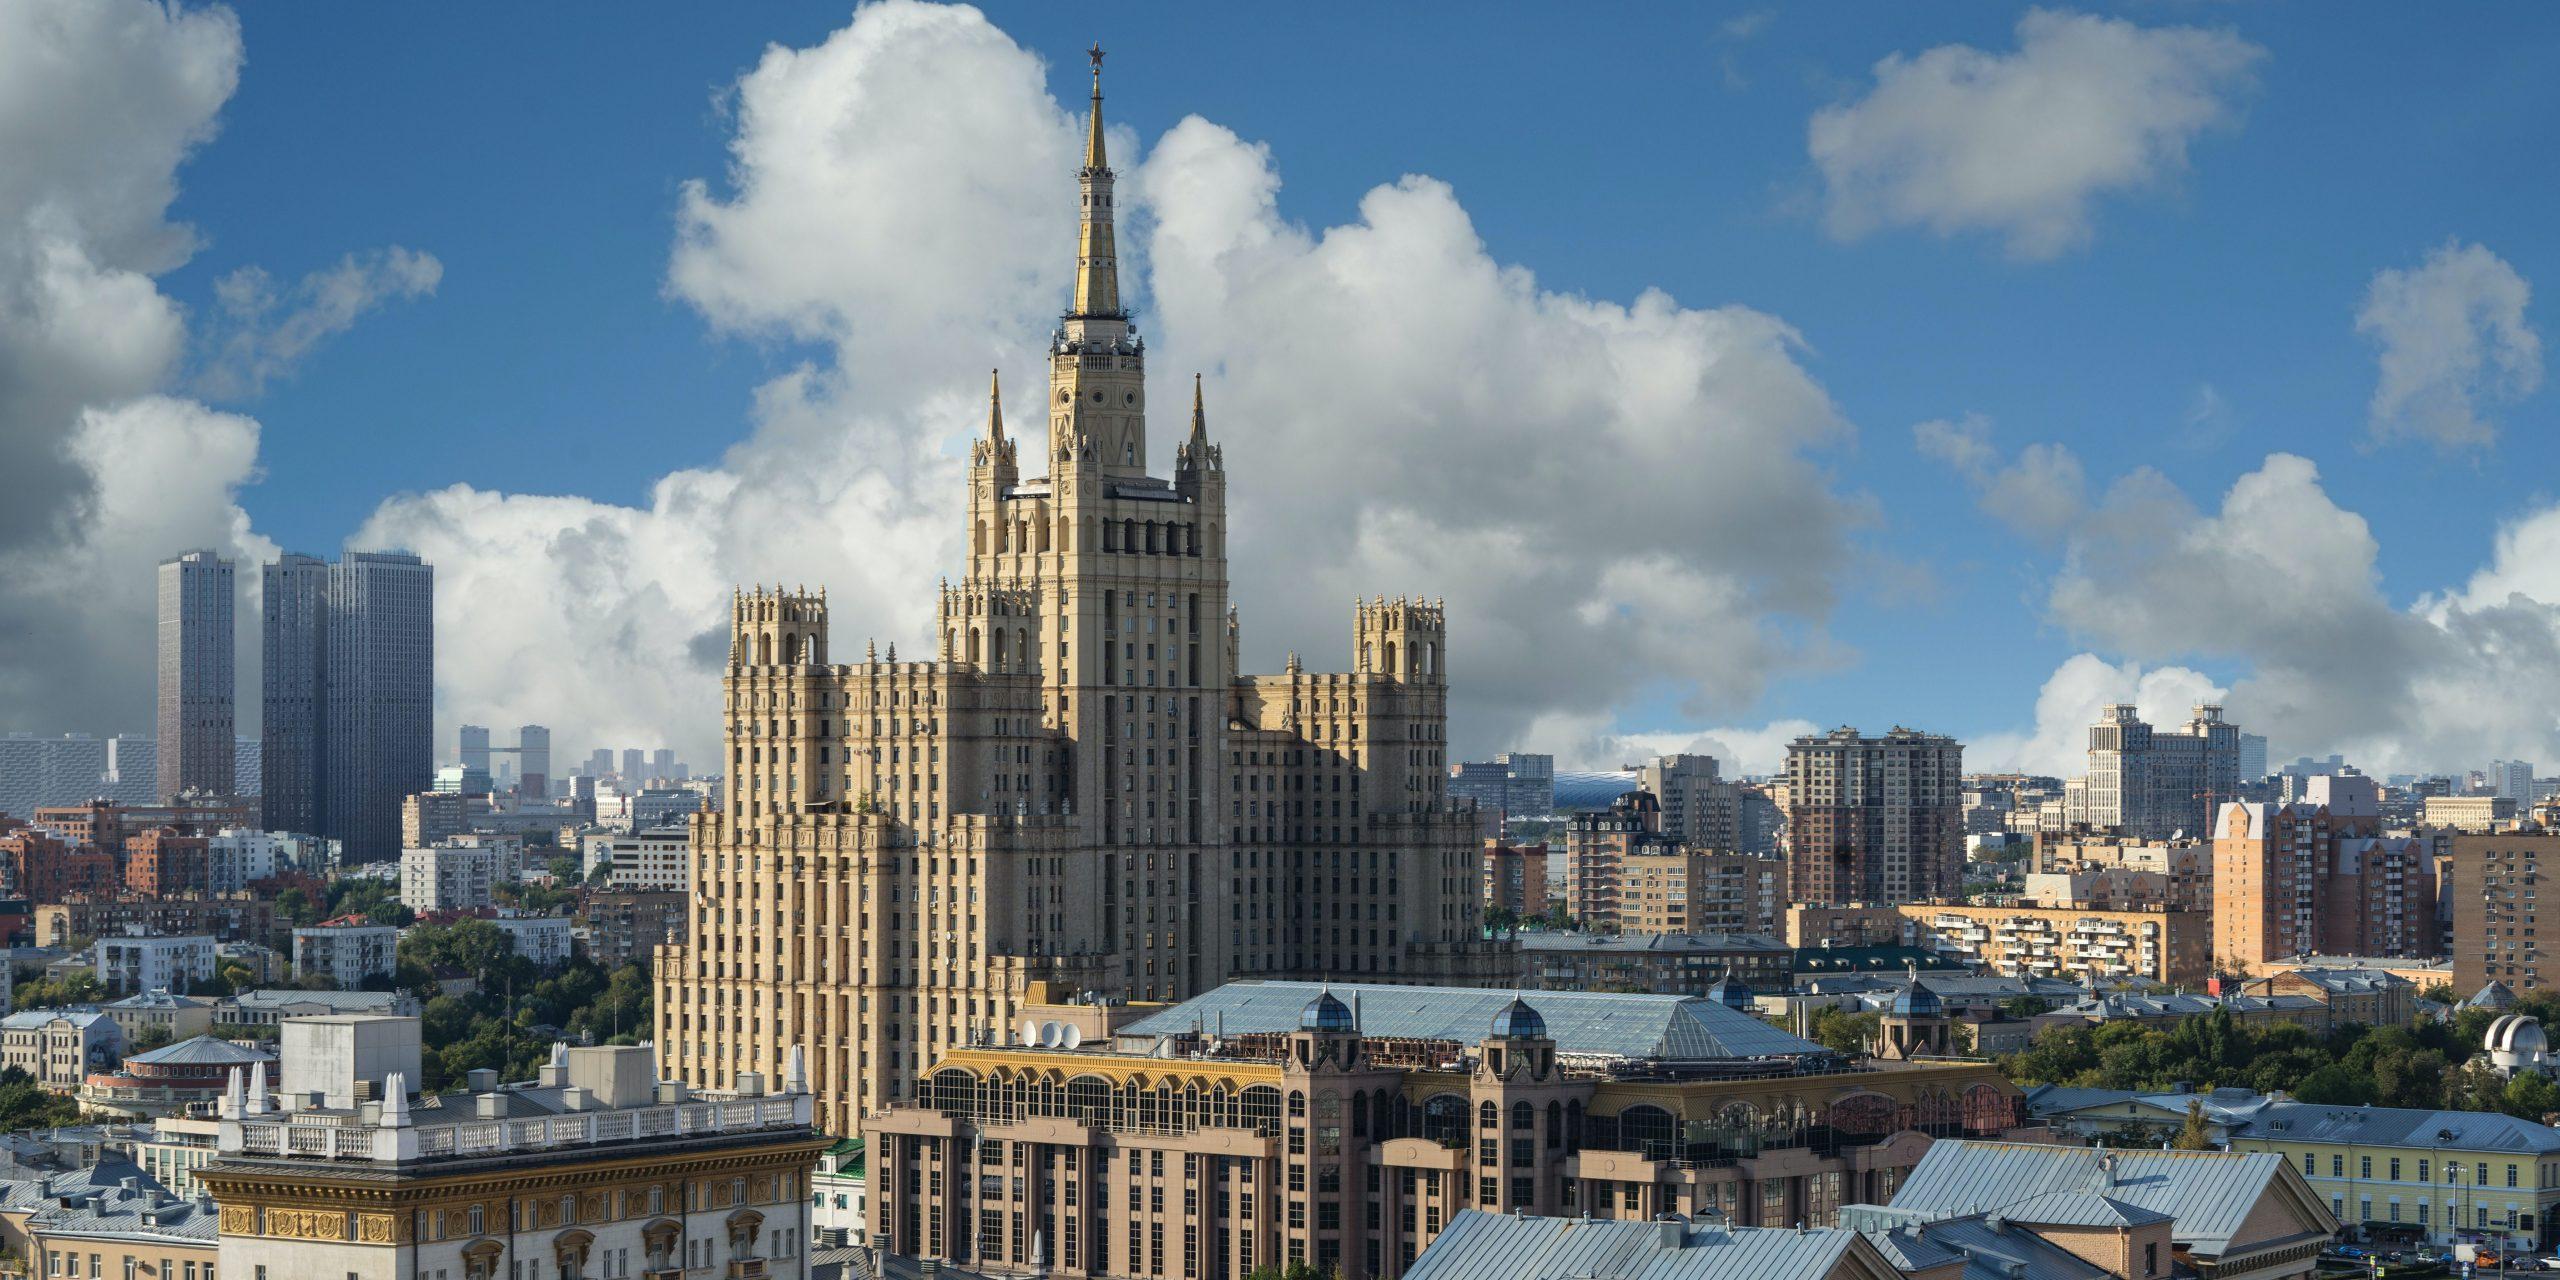 Москва, Екатеринбург и Казань возглавили рейтинг крупнейших городов России по индексу IQ